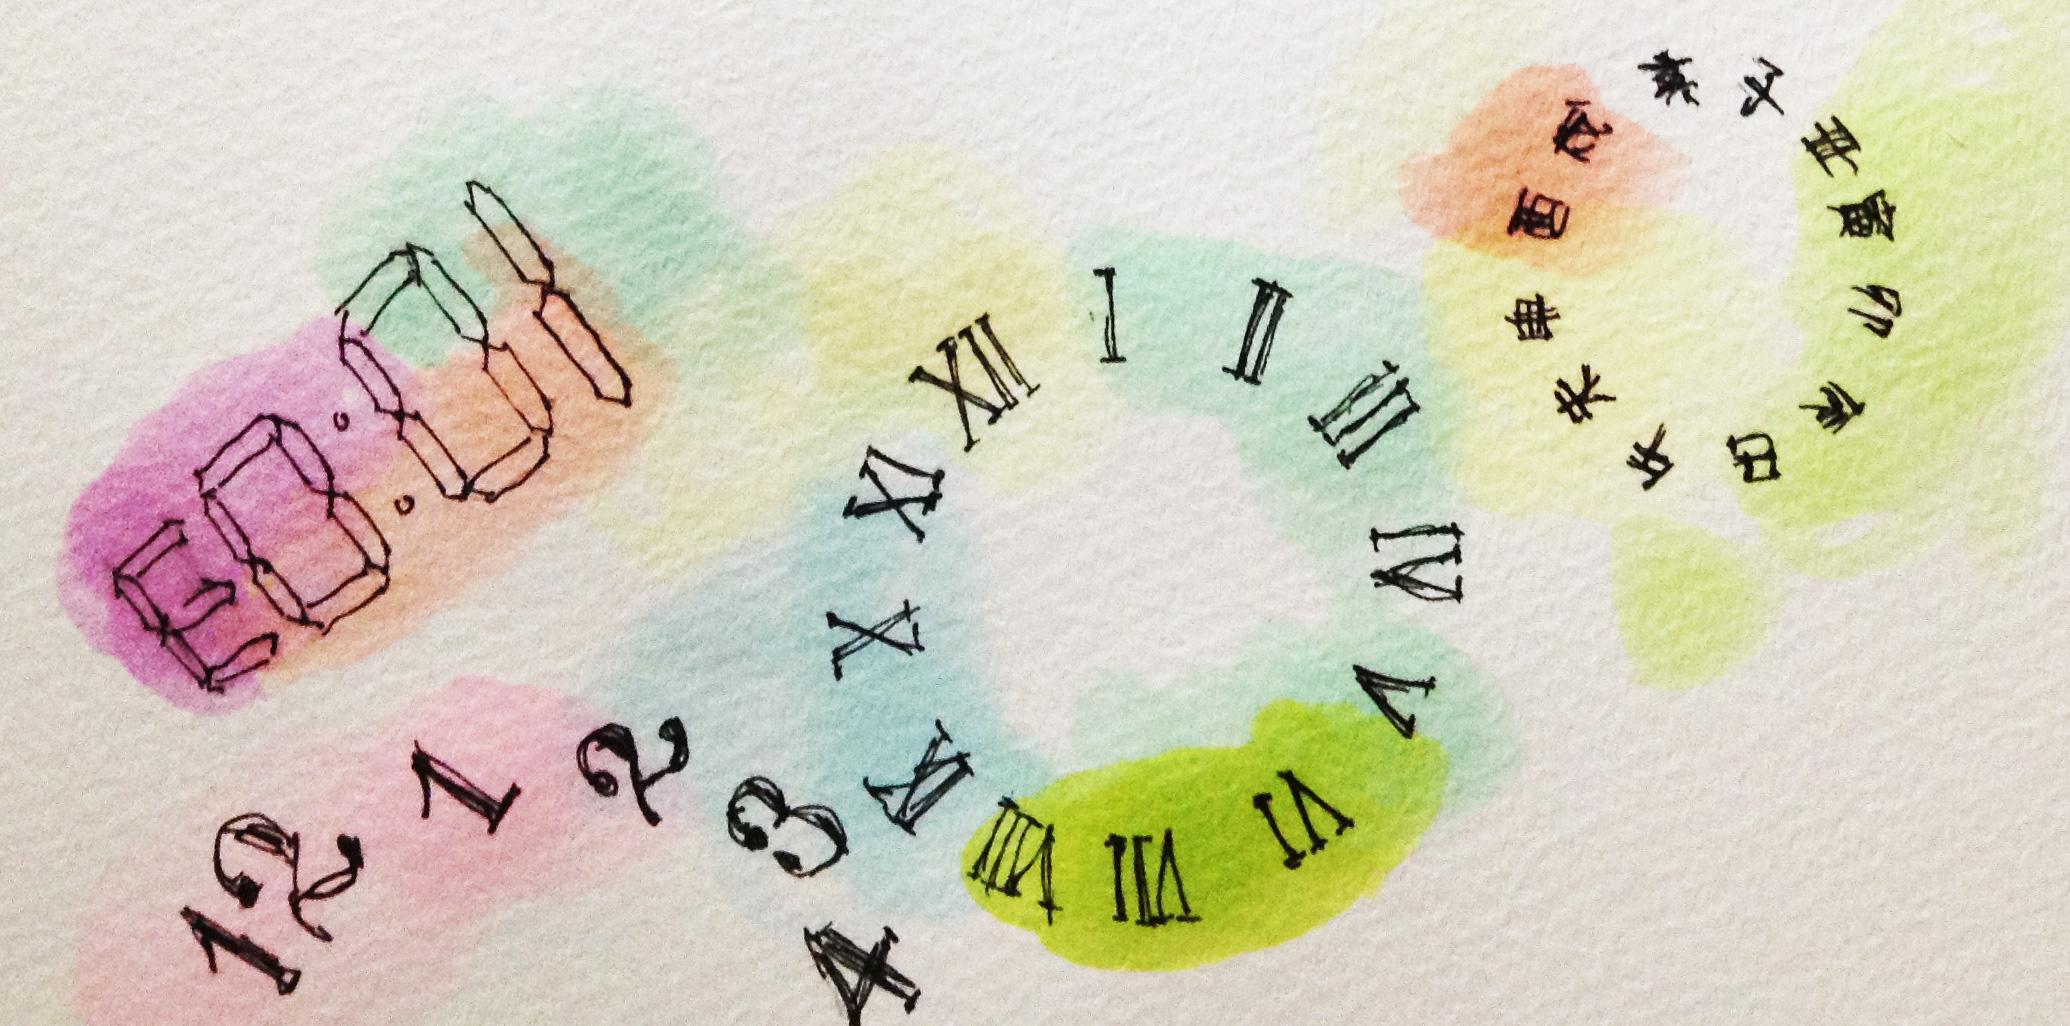 歴史の時間の流れを時計の文字盤のイメージを描いたコピックイラスト